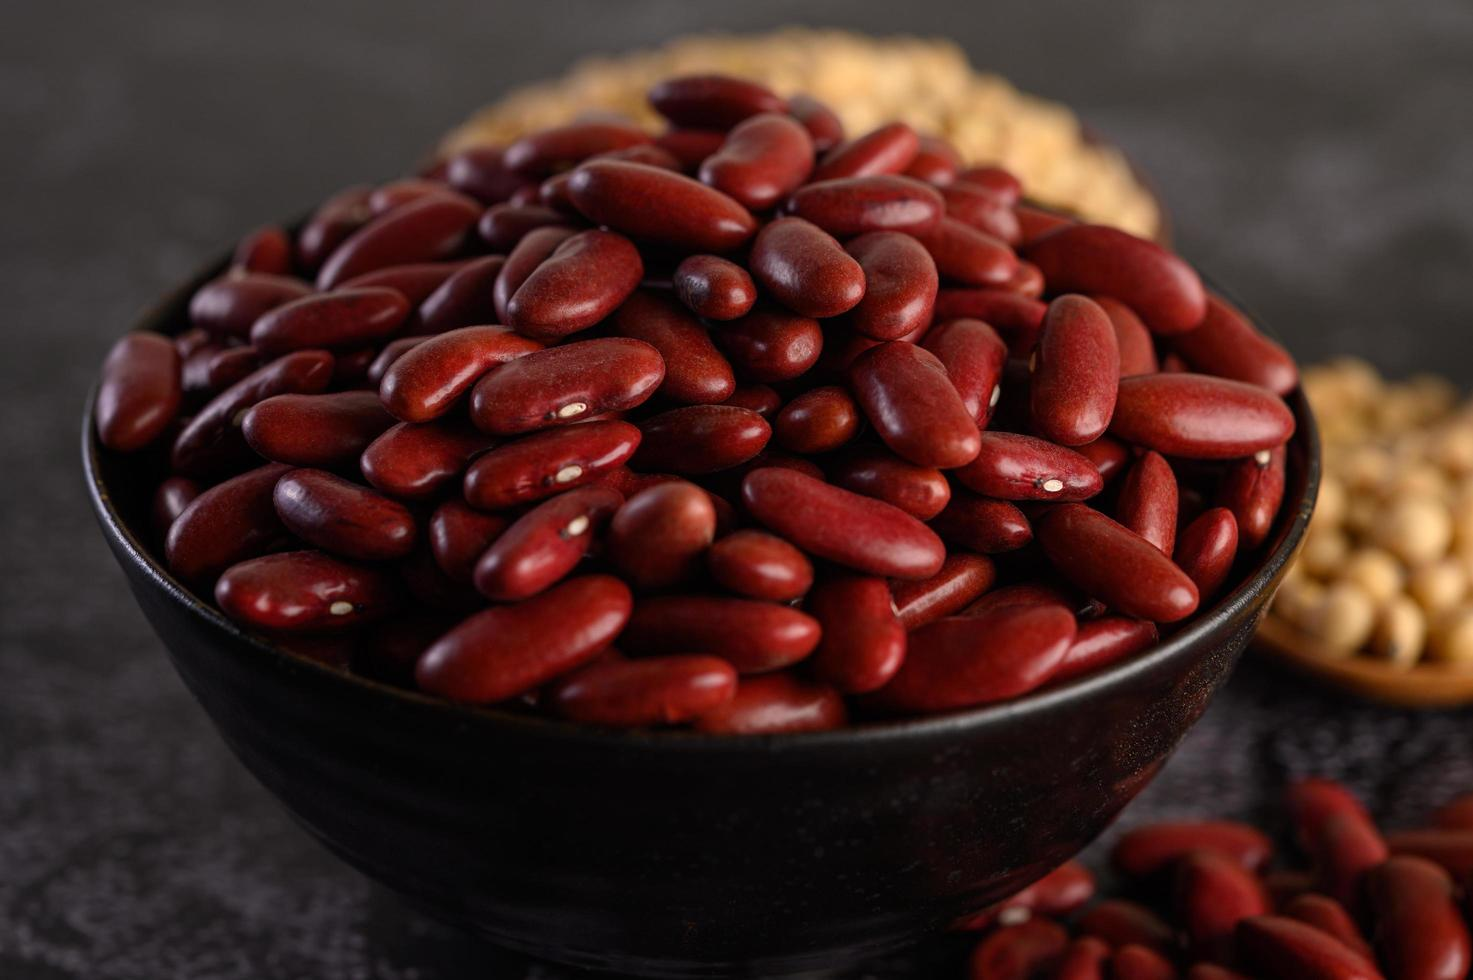 fagioli rossi in una ciotola di legno e un cucchiaio marrone foto